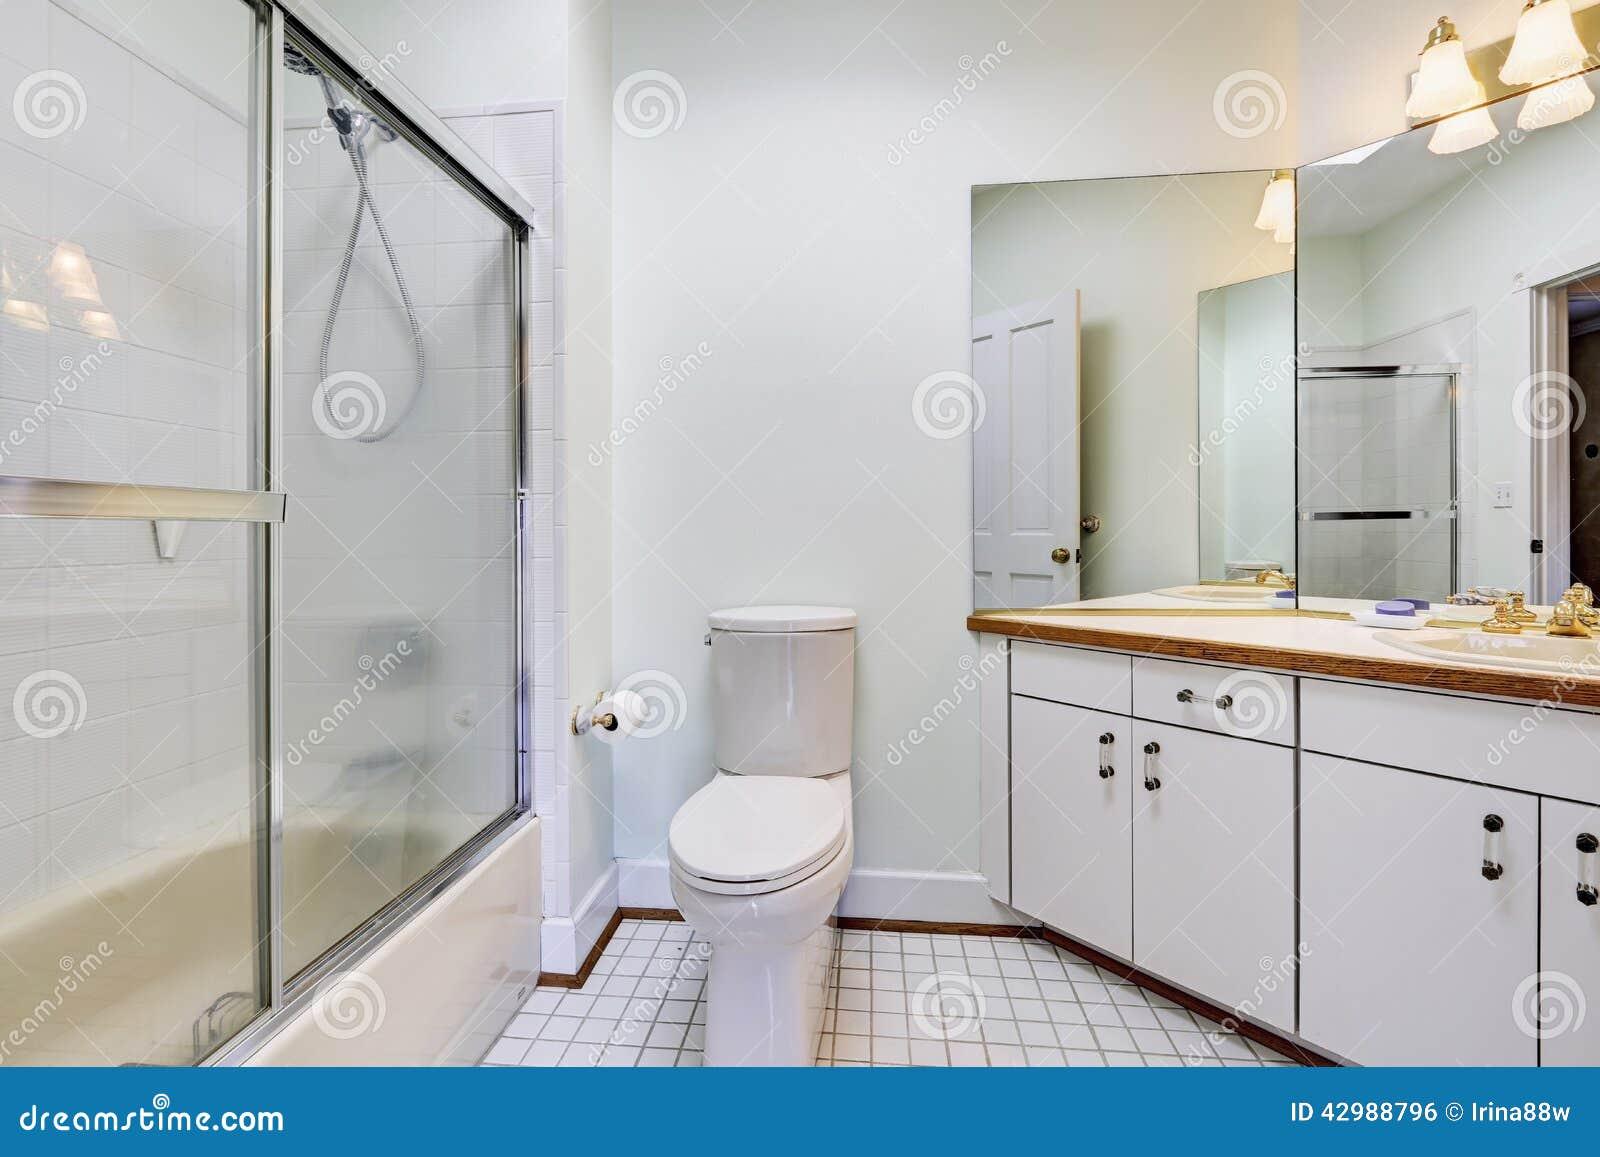 Foto de Stock: Interior simples do banheiro com o chuveiro de vidro da  #6B4023 1300 957